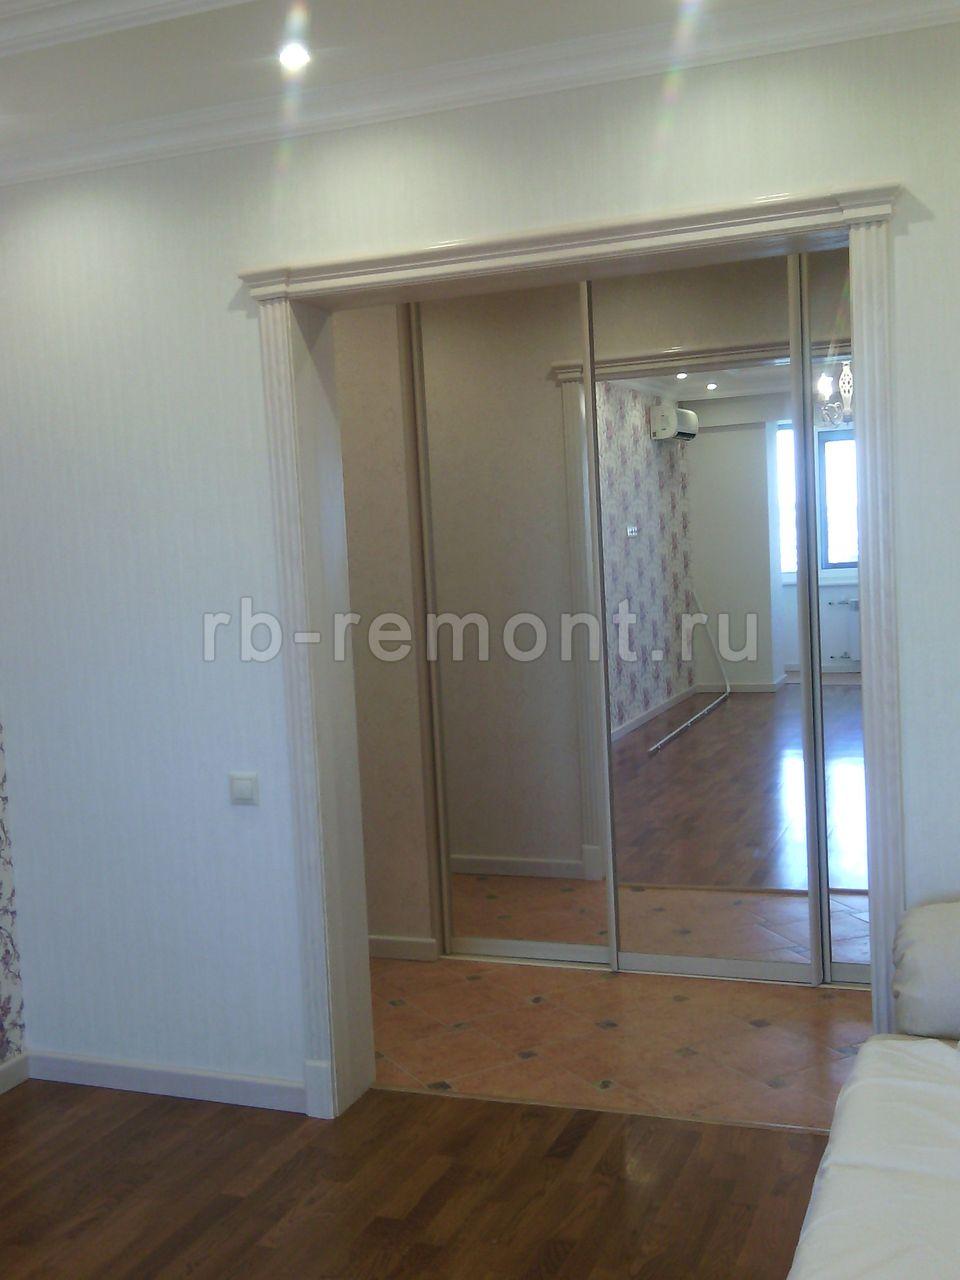 https://www.rb-remont.ru/raboty/photo_/komsomolskaya-125.1-00/img/img_20150709_122129.jpg (бол.)